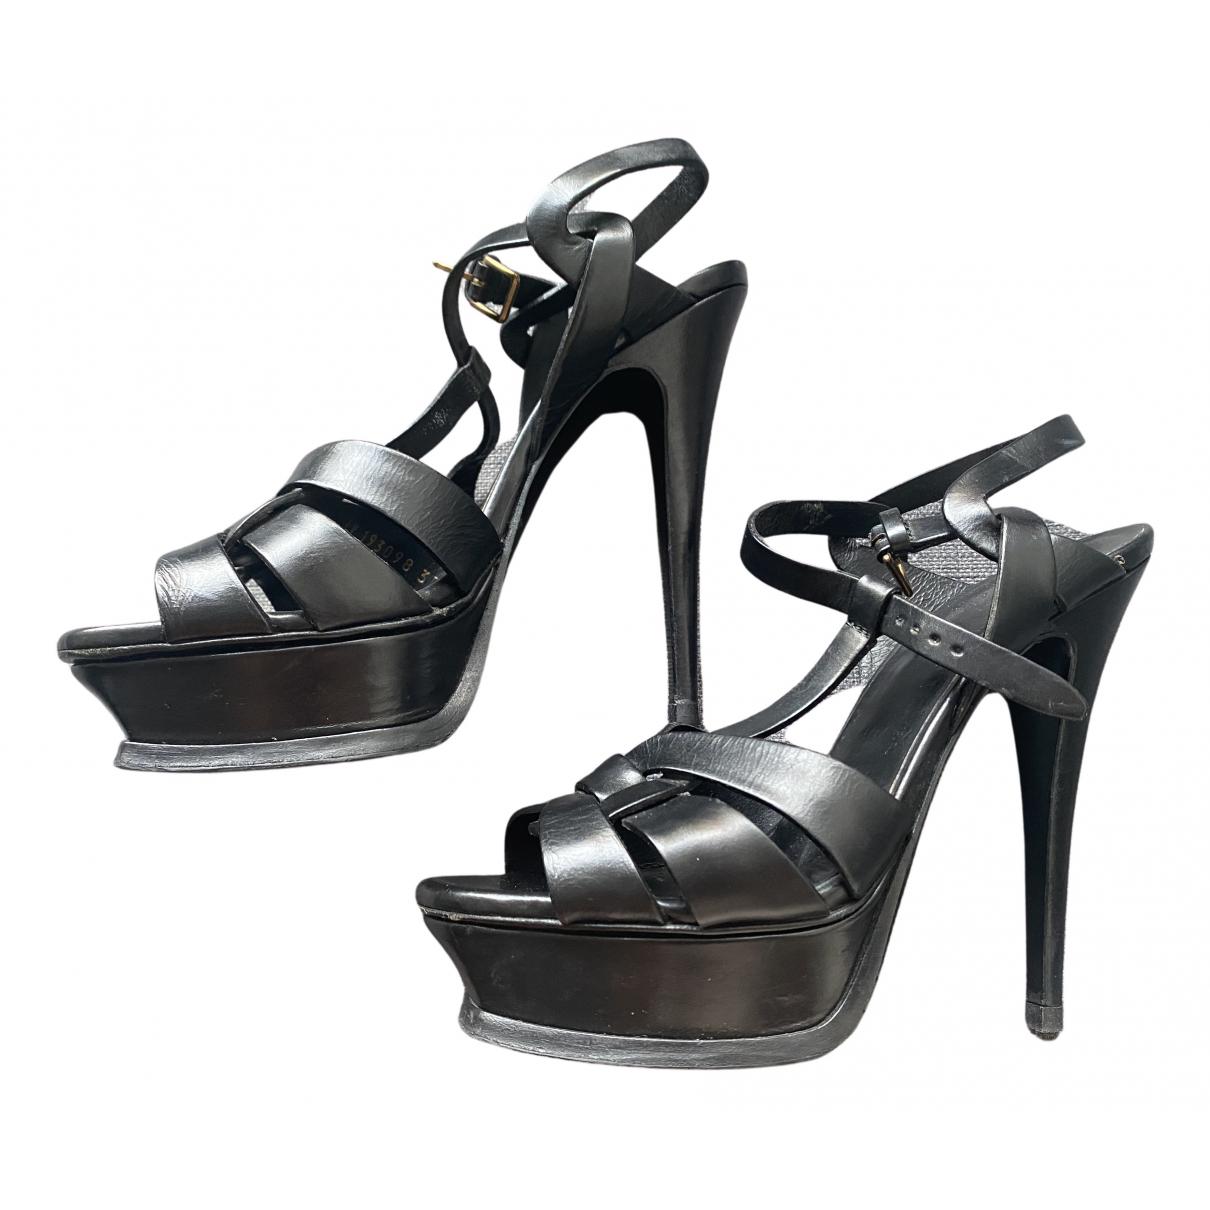 Yves Saint Laurent - Sandales Tribute pour femme en cuir - noir